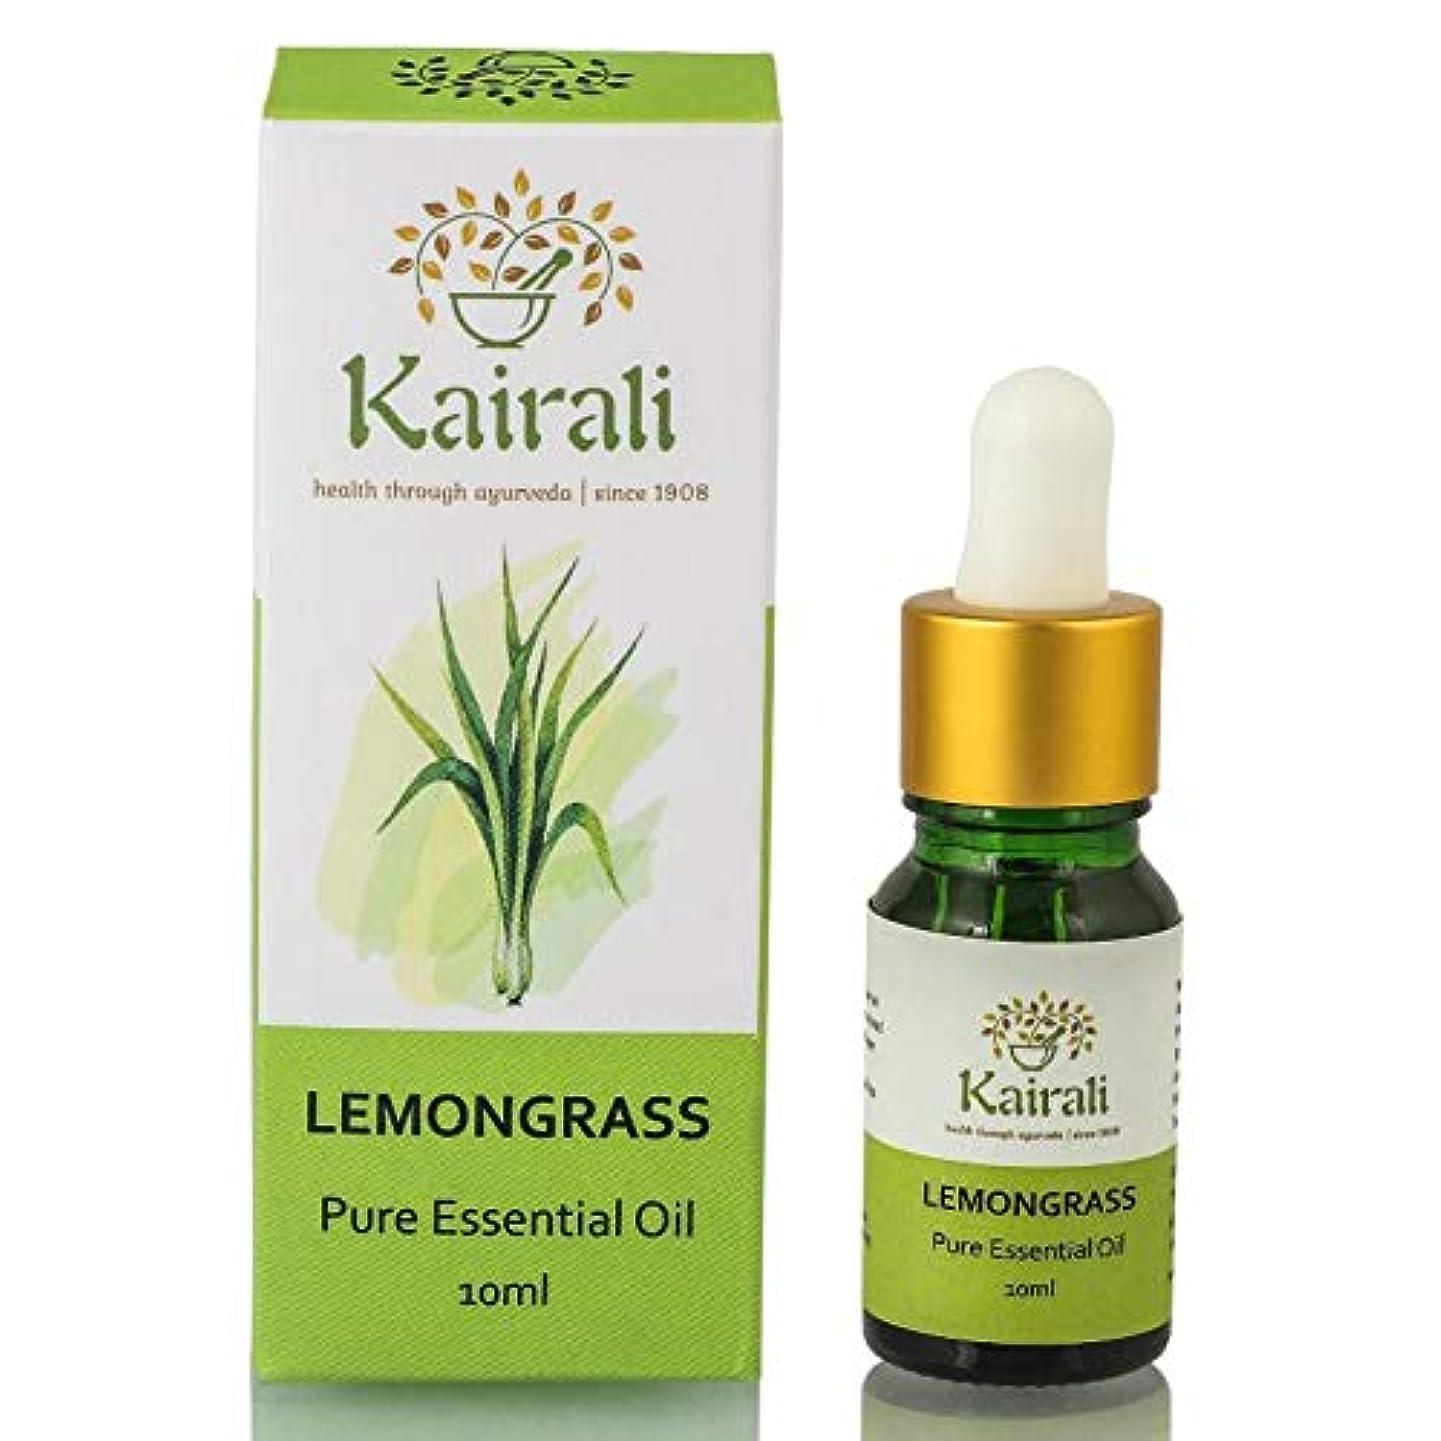 個人埋めるあらゆる種類のカイラリ エッセンシャルオイル レモングラス 10ml(天然100%精油)Kairali アロマオイル